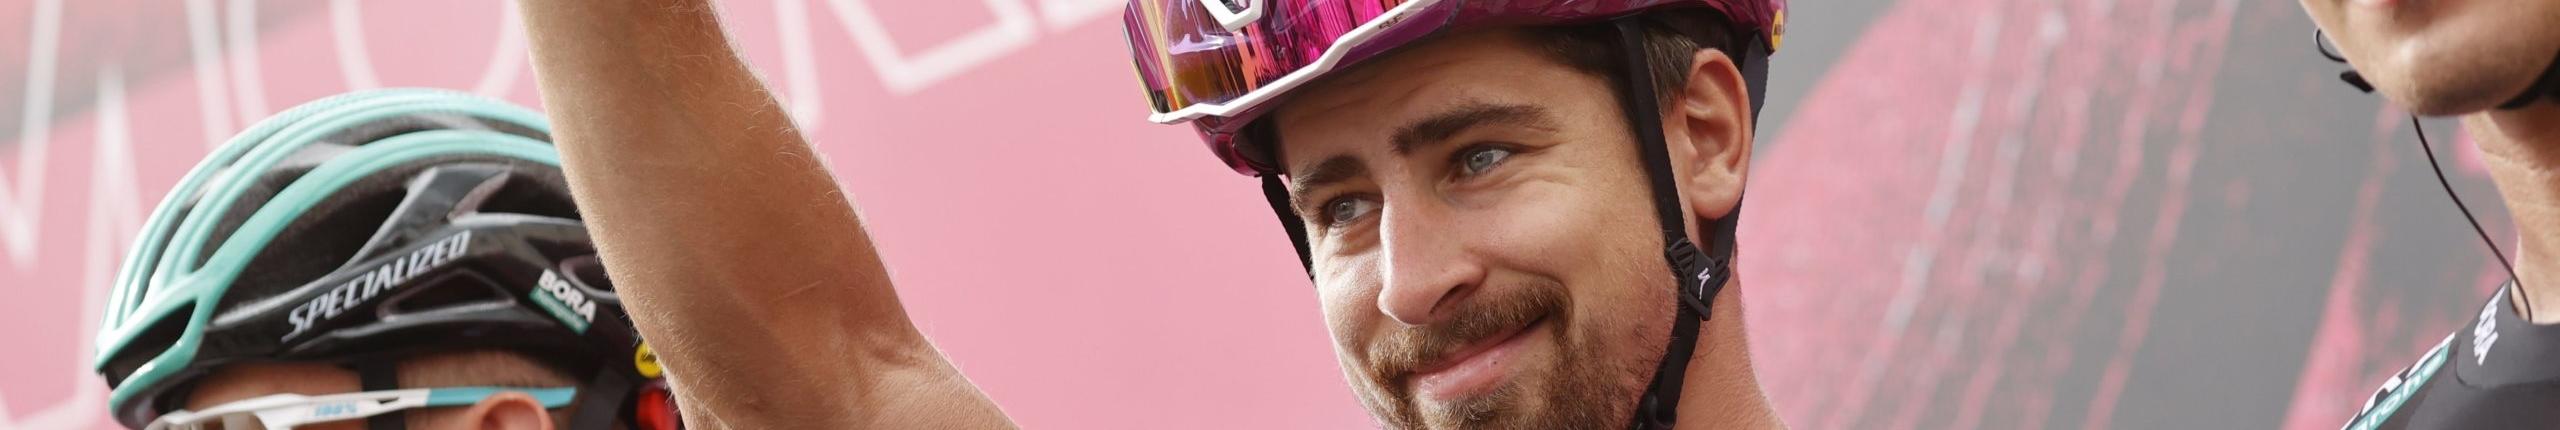 Giro d'Italia 2020, quote e favoriti per la tappa 6: è il momento di Sagan?